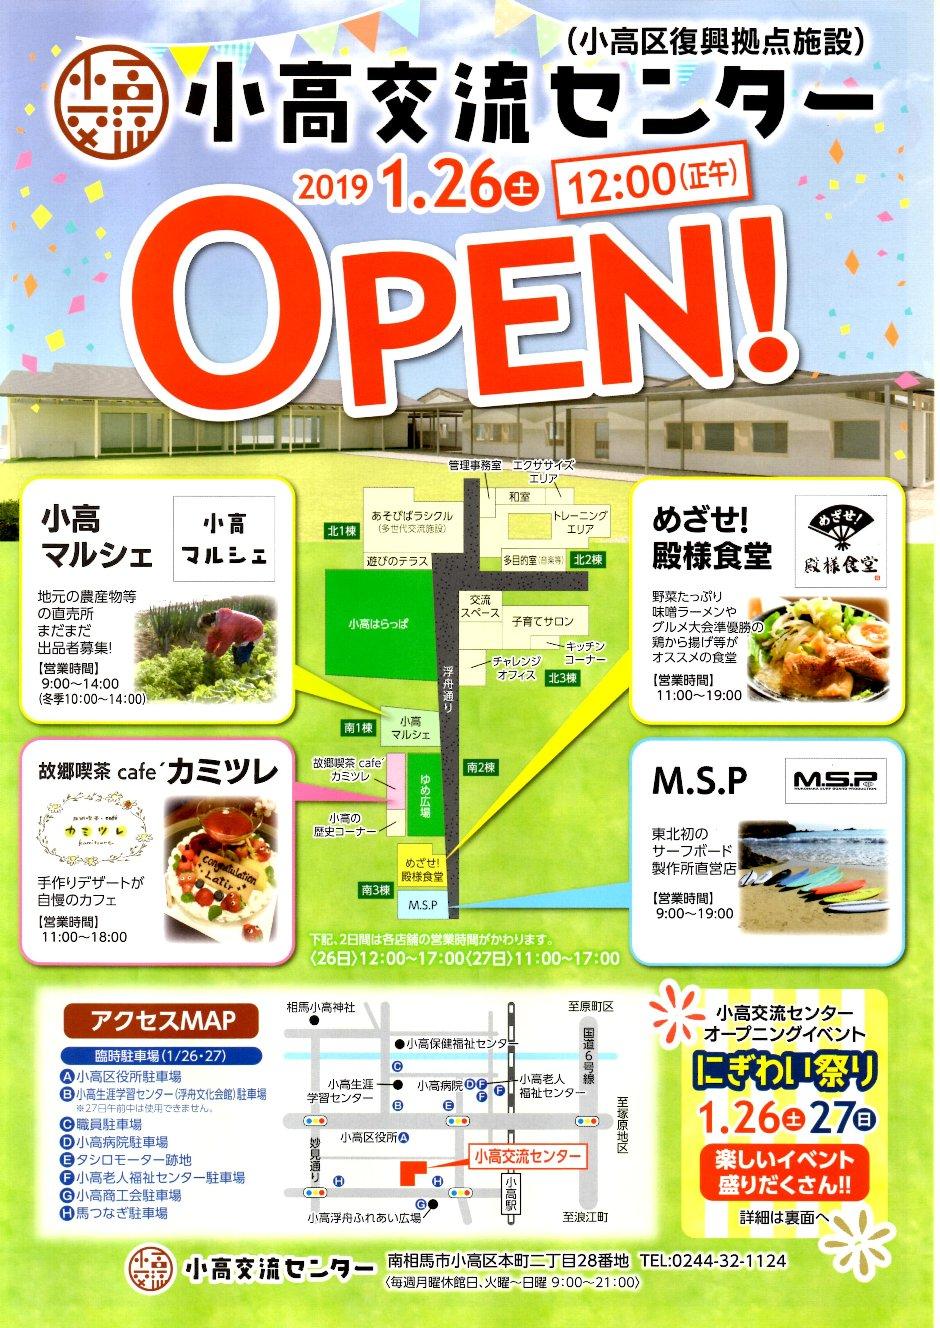 2019.1.26小高交流センターOPEN!にぎわい祭り